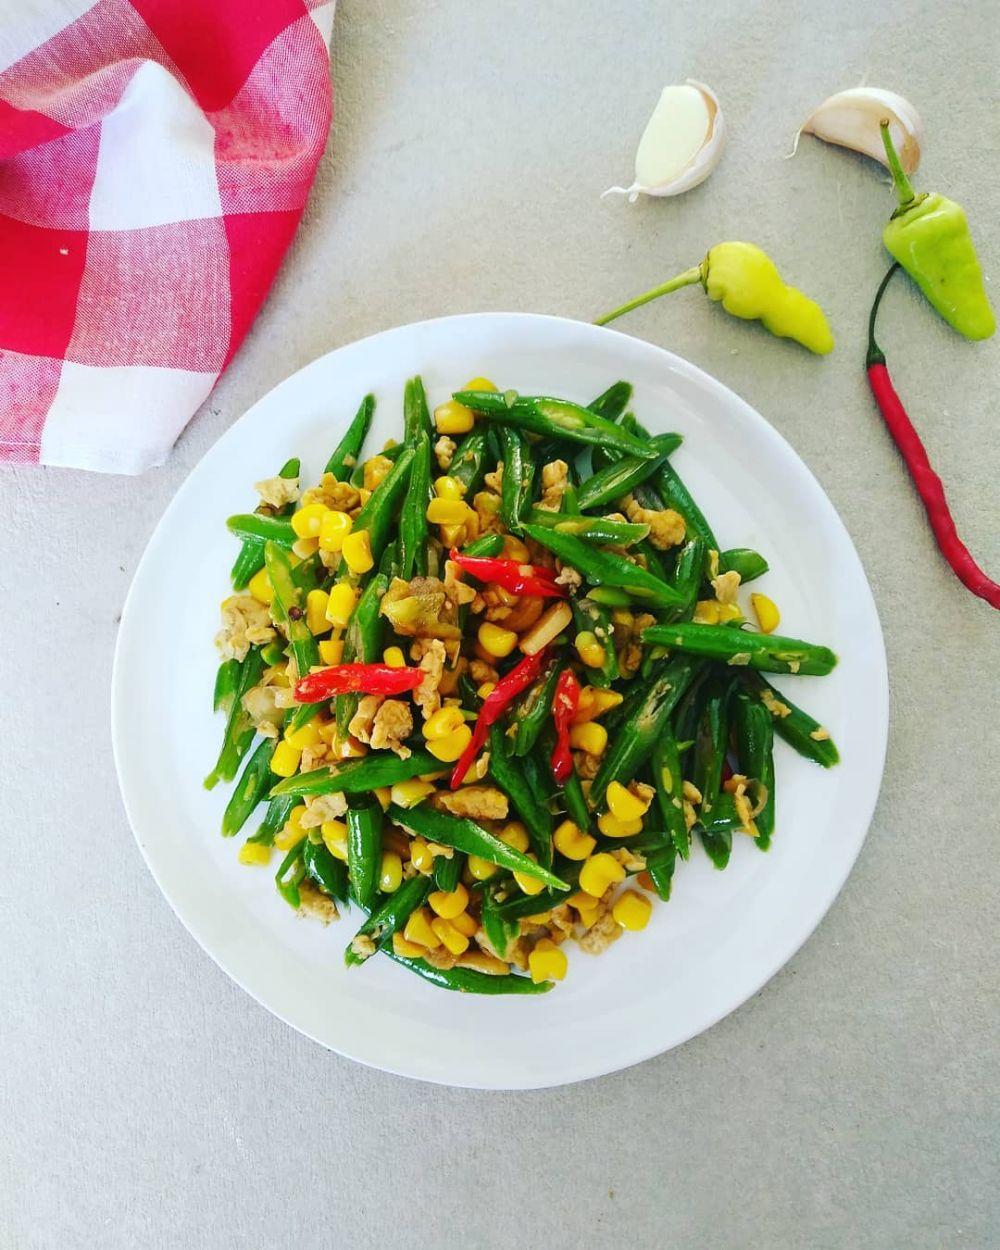 Resep menu sahur pertama di rumah © Instagram